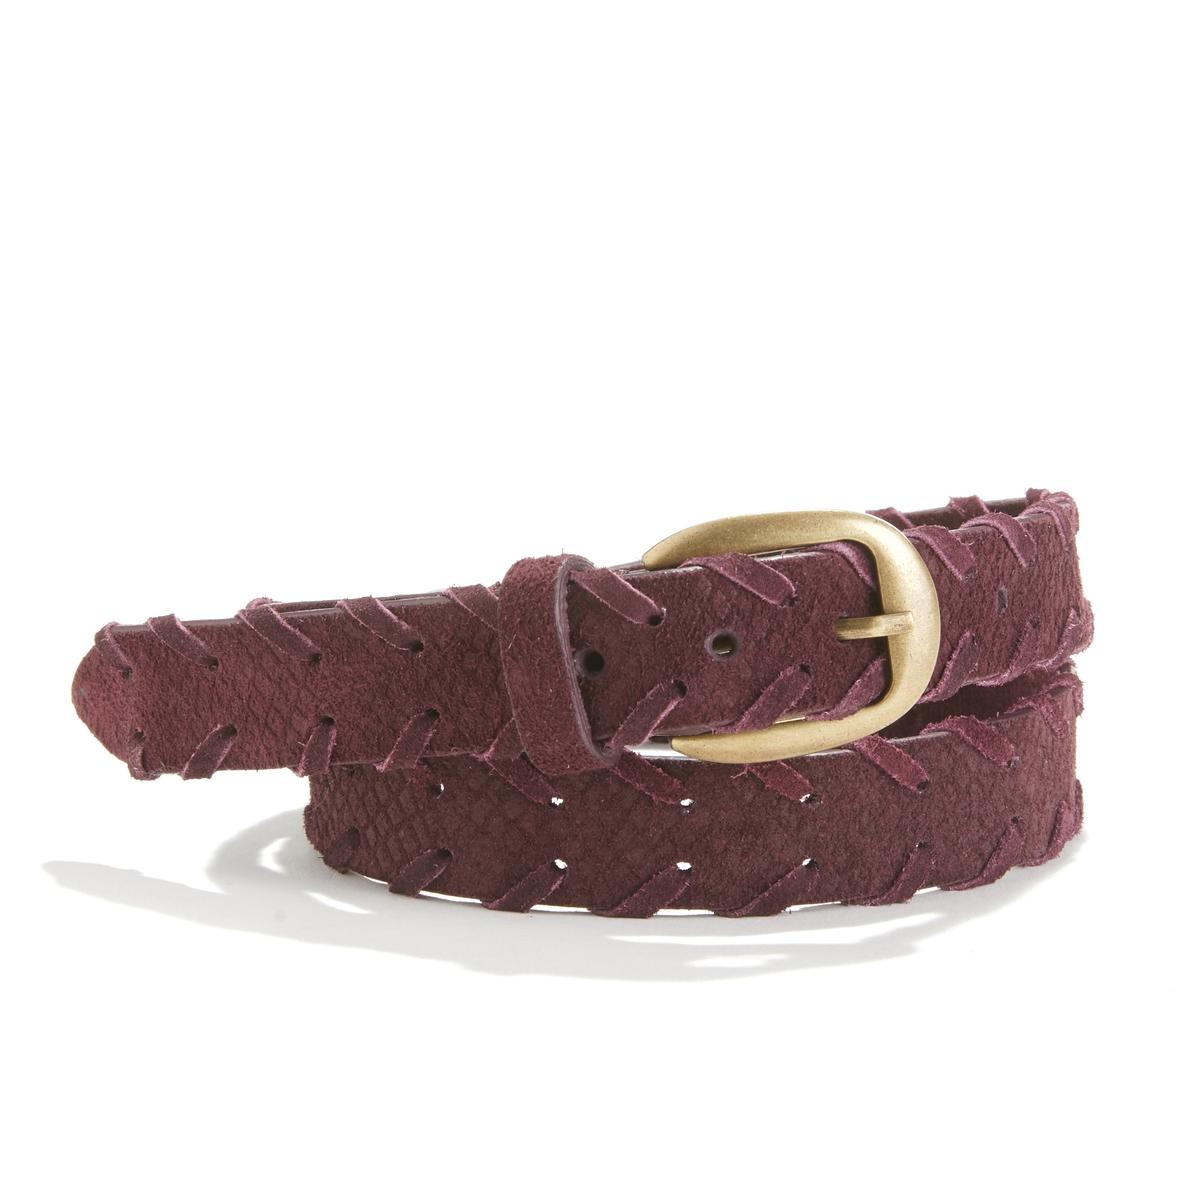 Cinturón de piel, cordón fantasía